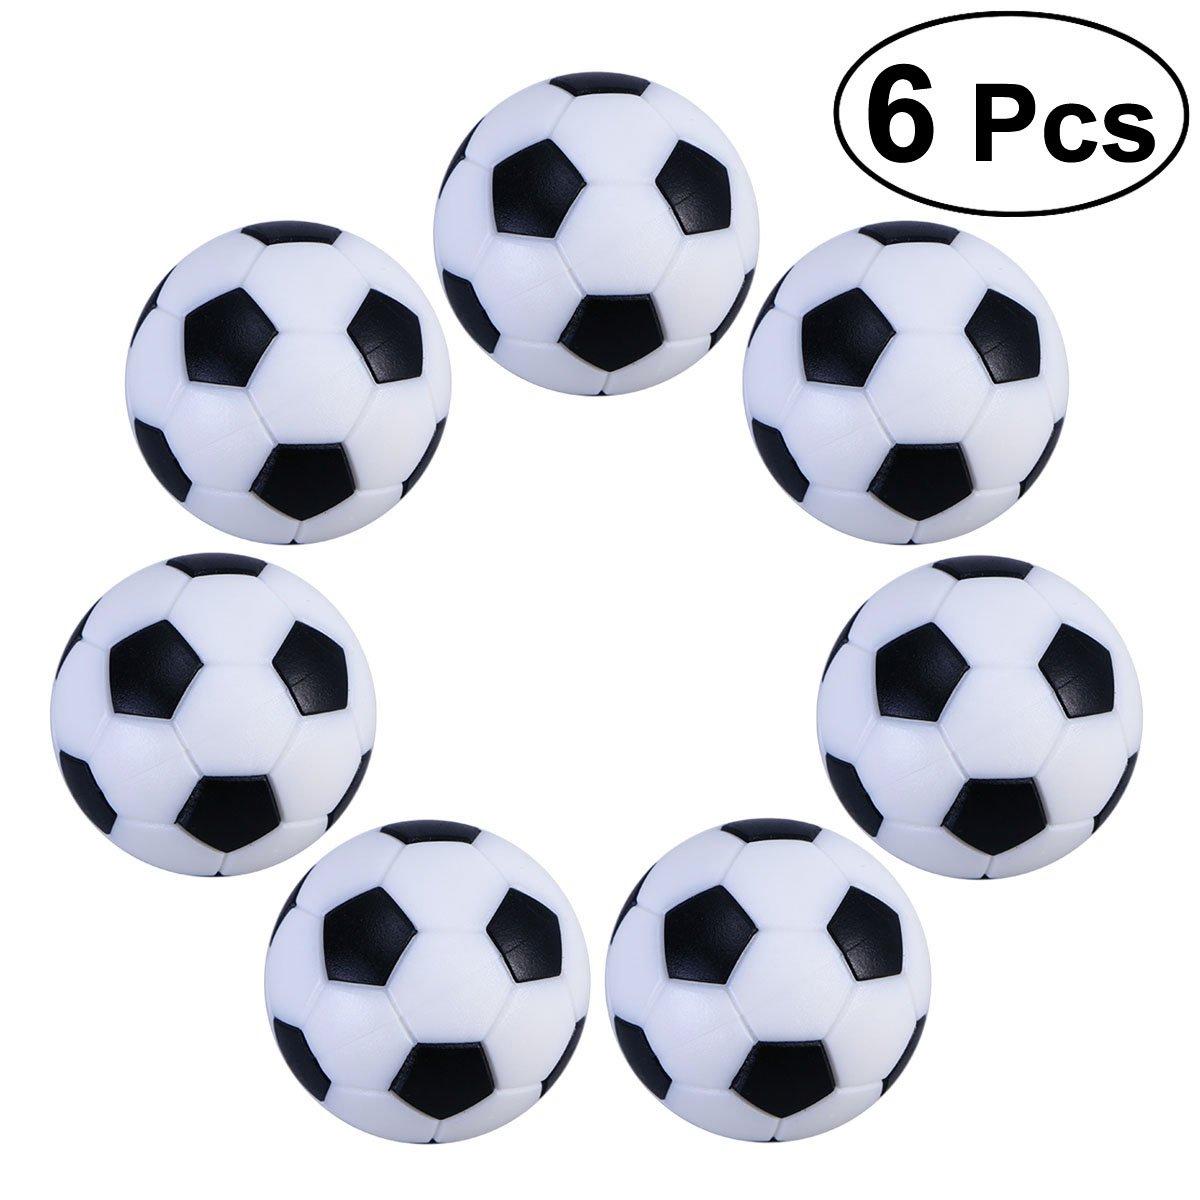 UEETEK - Bolas de futbolín para actividades deportivas de 3,2 cm, 6 unidades: Amazon.es: Jardín